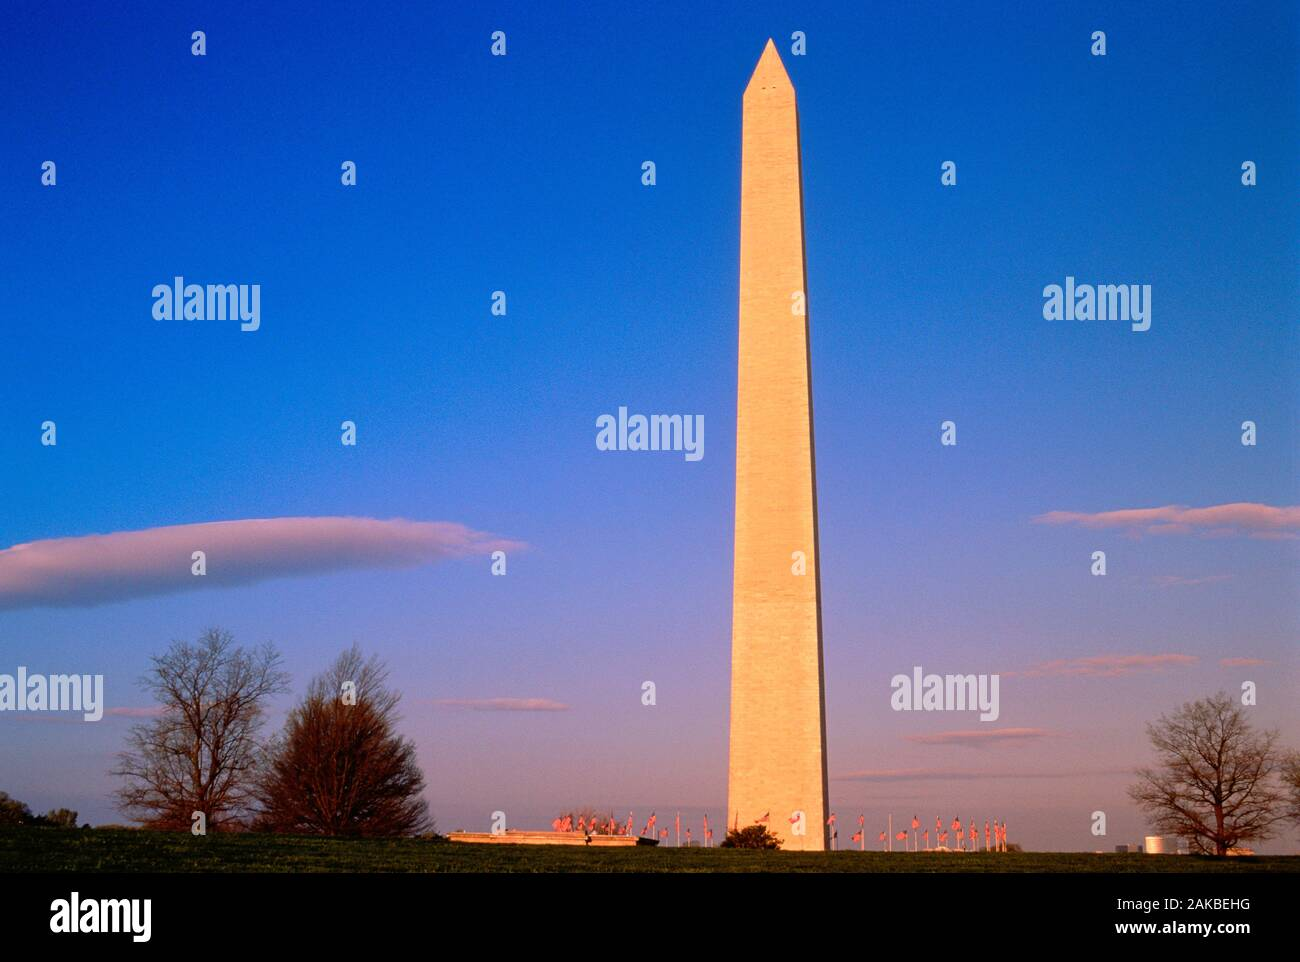 Washington Monument au coucher du soleil, Washington DC, USA Banque D'Images